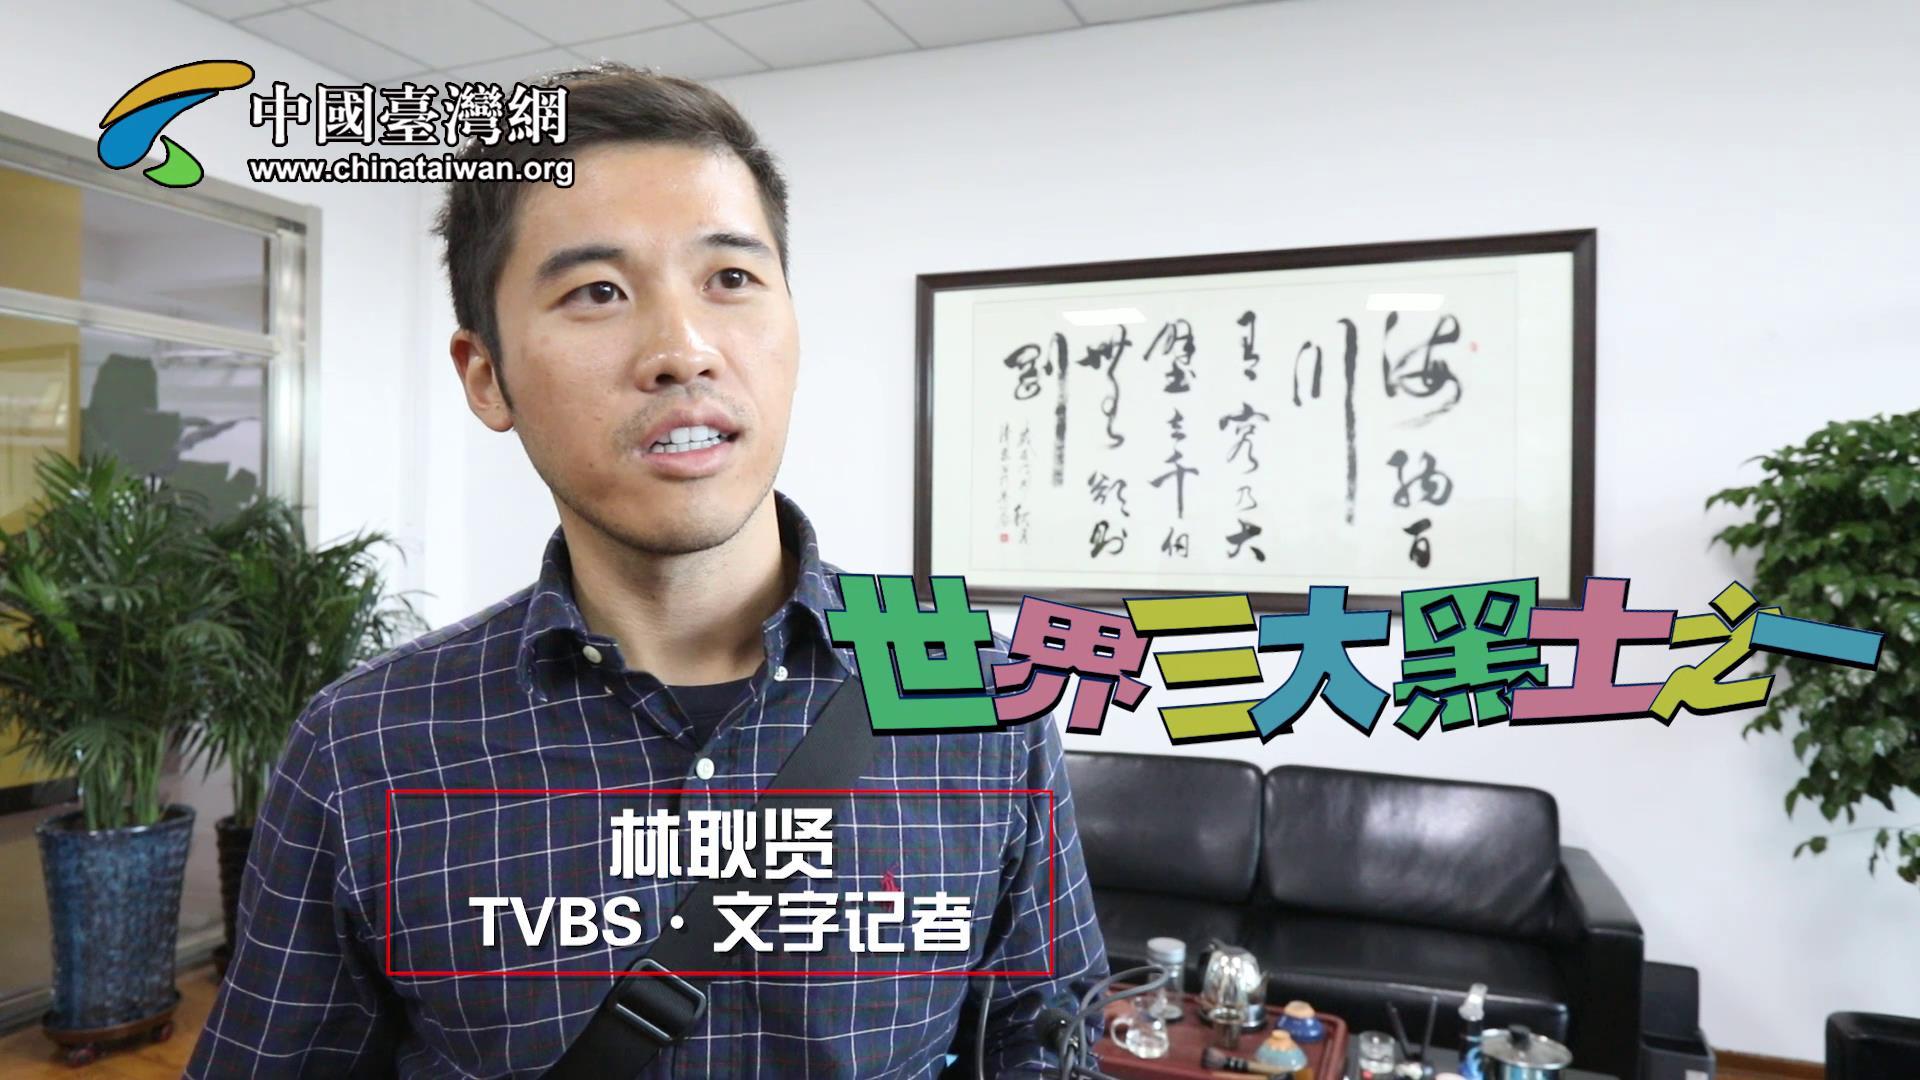 【黑龍江篇】臺灣媒體採訪 哈爾濱海峽兩岸技術移轉育成中心圖片